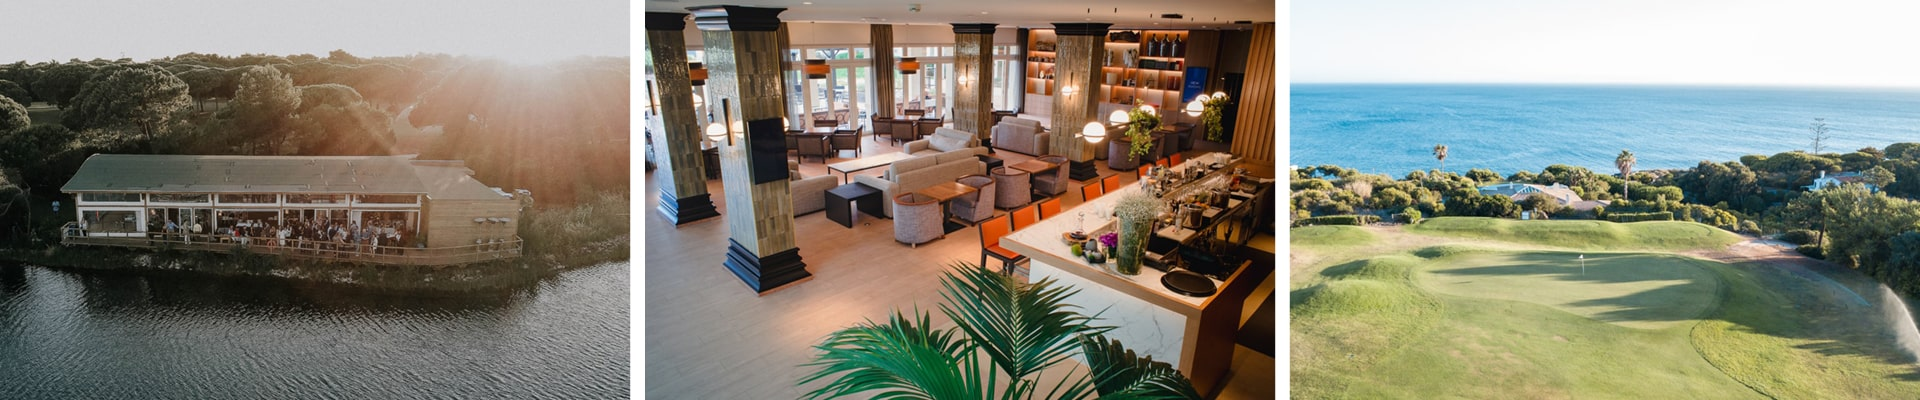 Impressionen der Hotelanlage der Portugal ERFAHREN